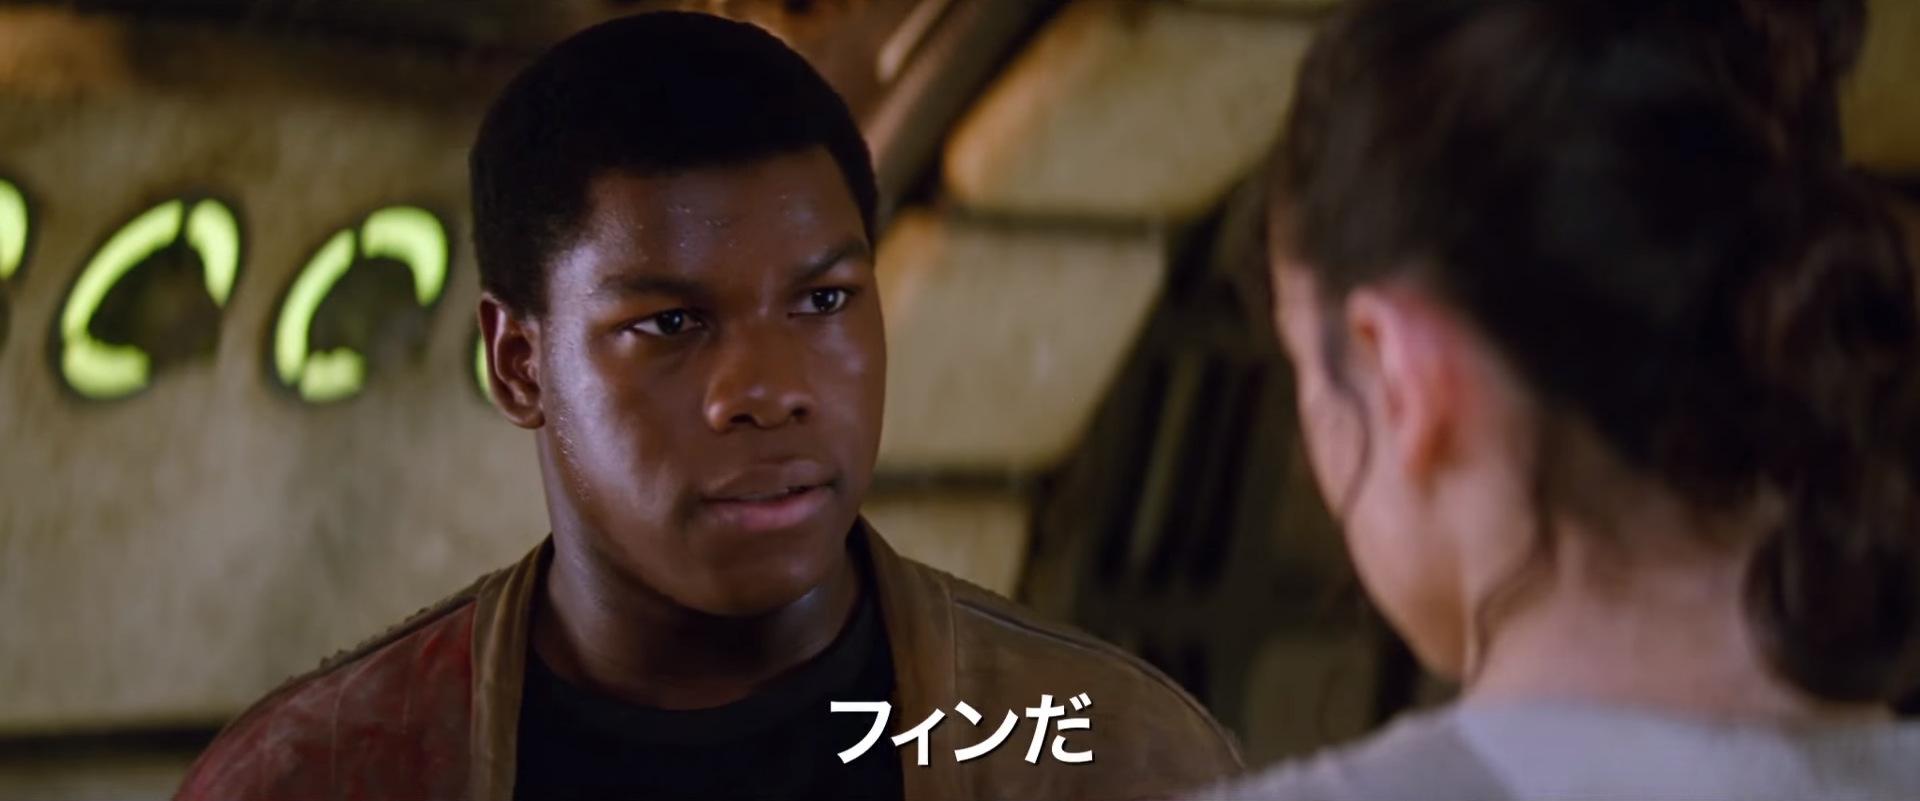 Star Wars Episode VII (11)